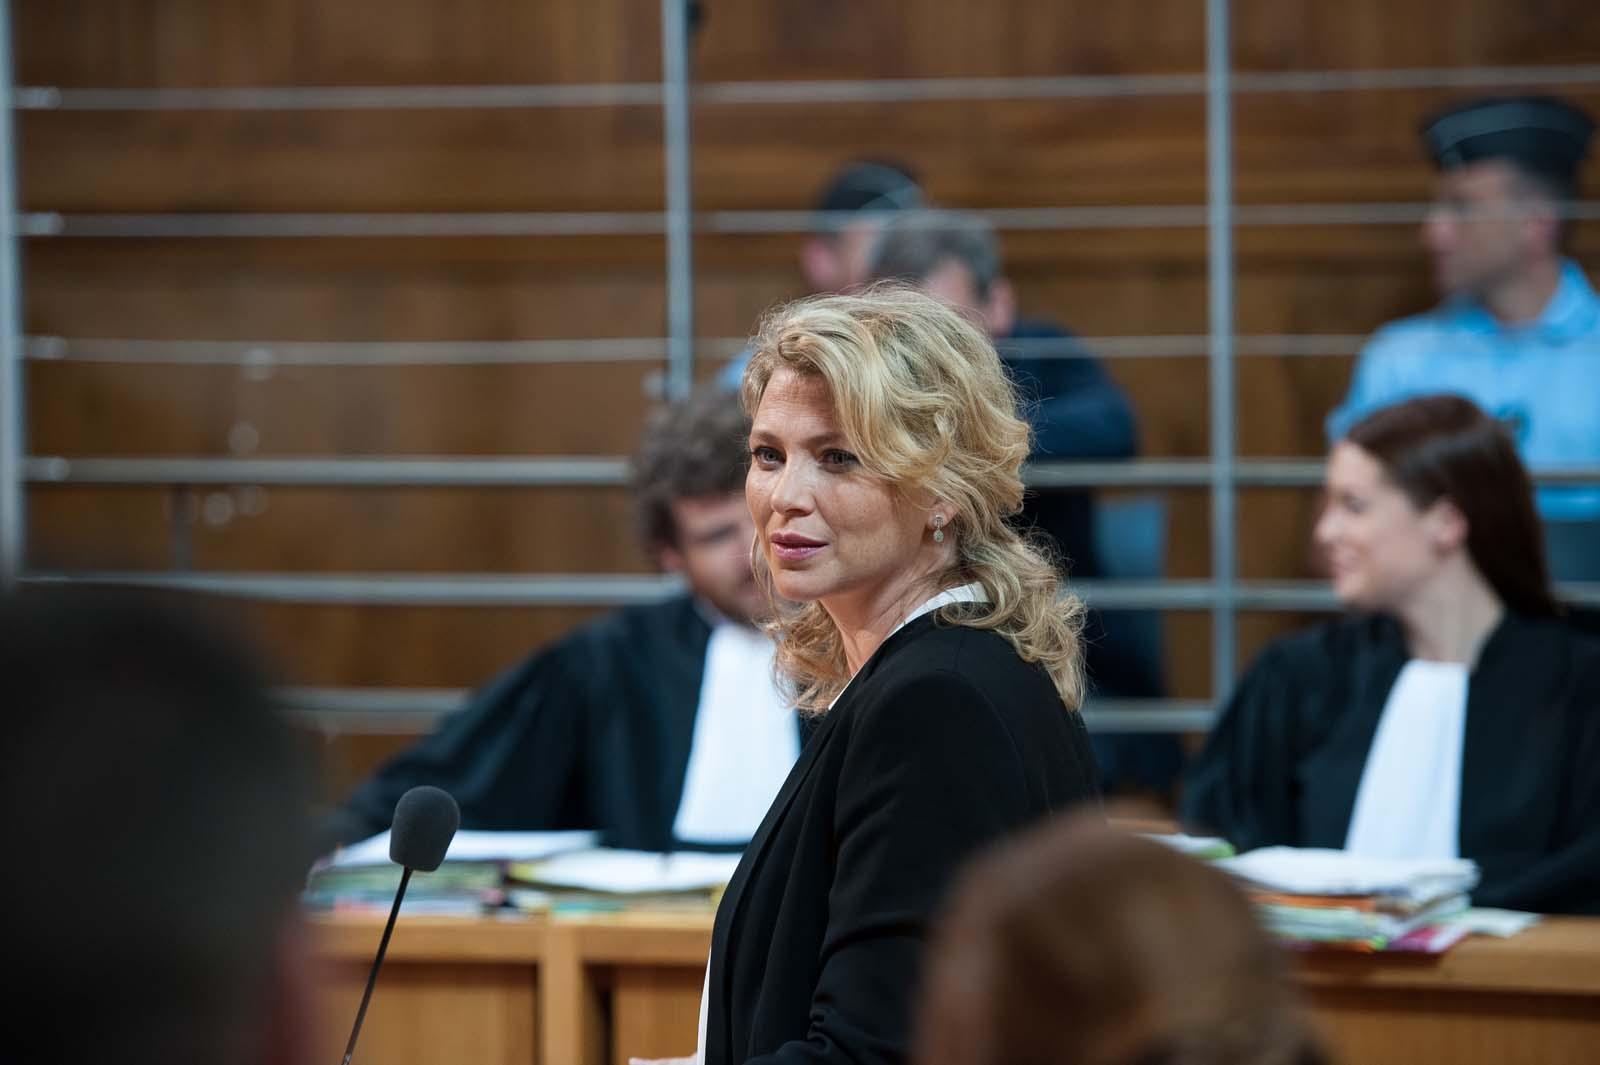 Foto de Cécile Bois - Foto Cécile Bois - SensaCine.com